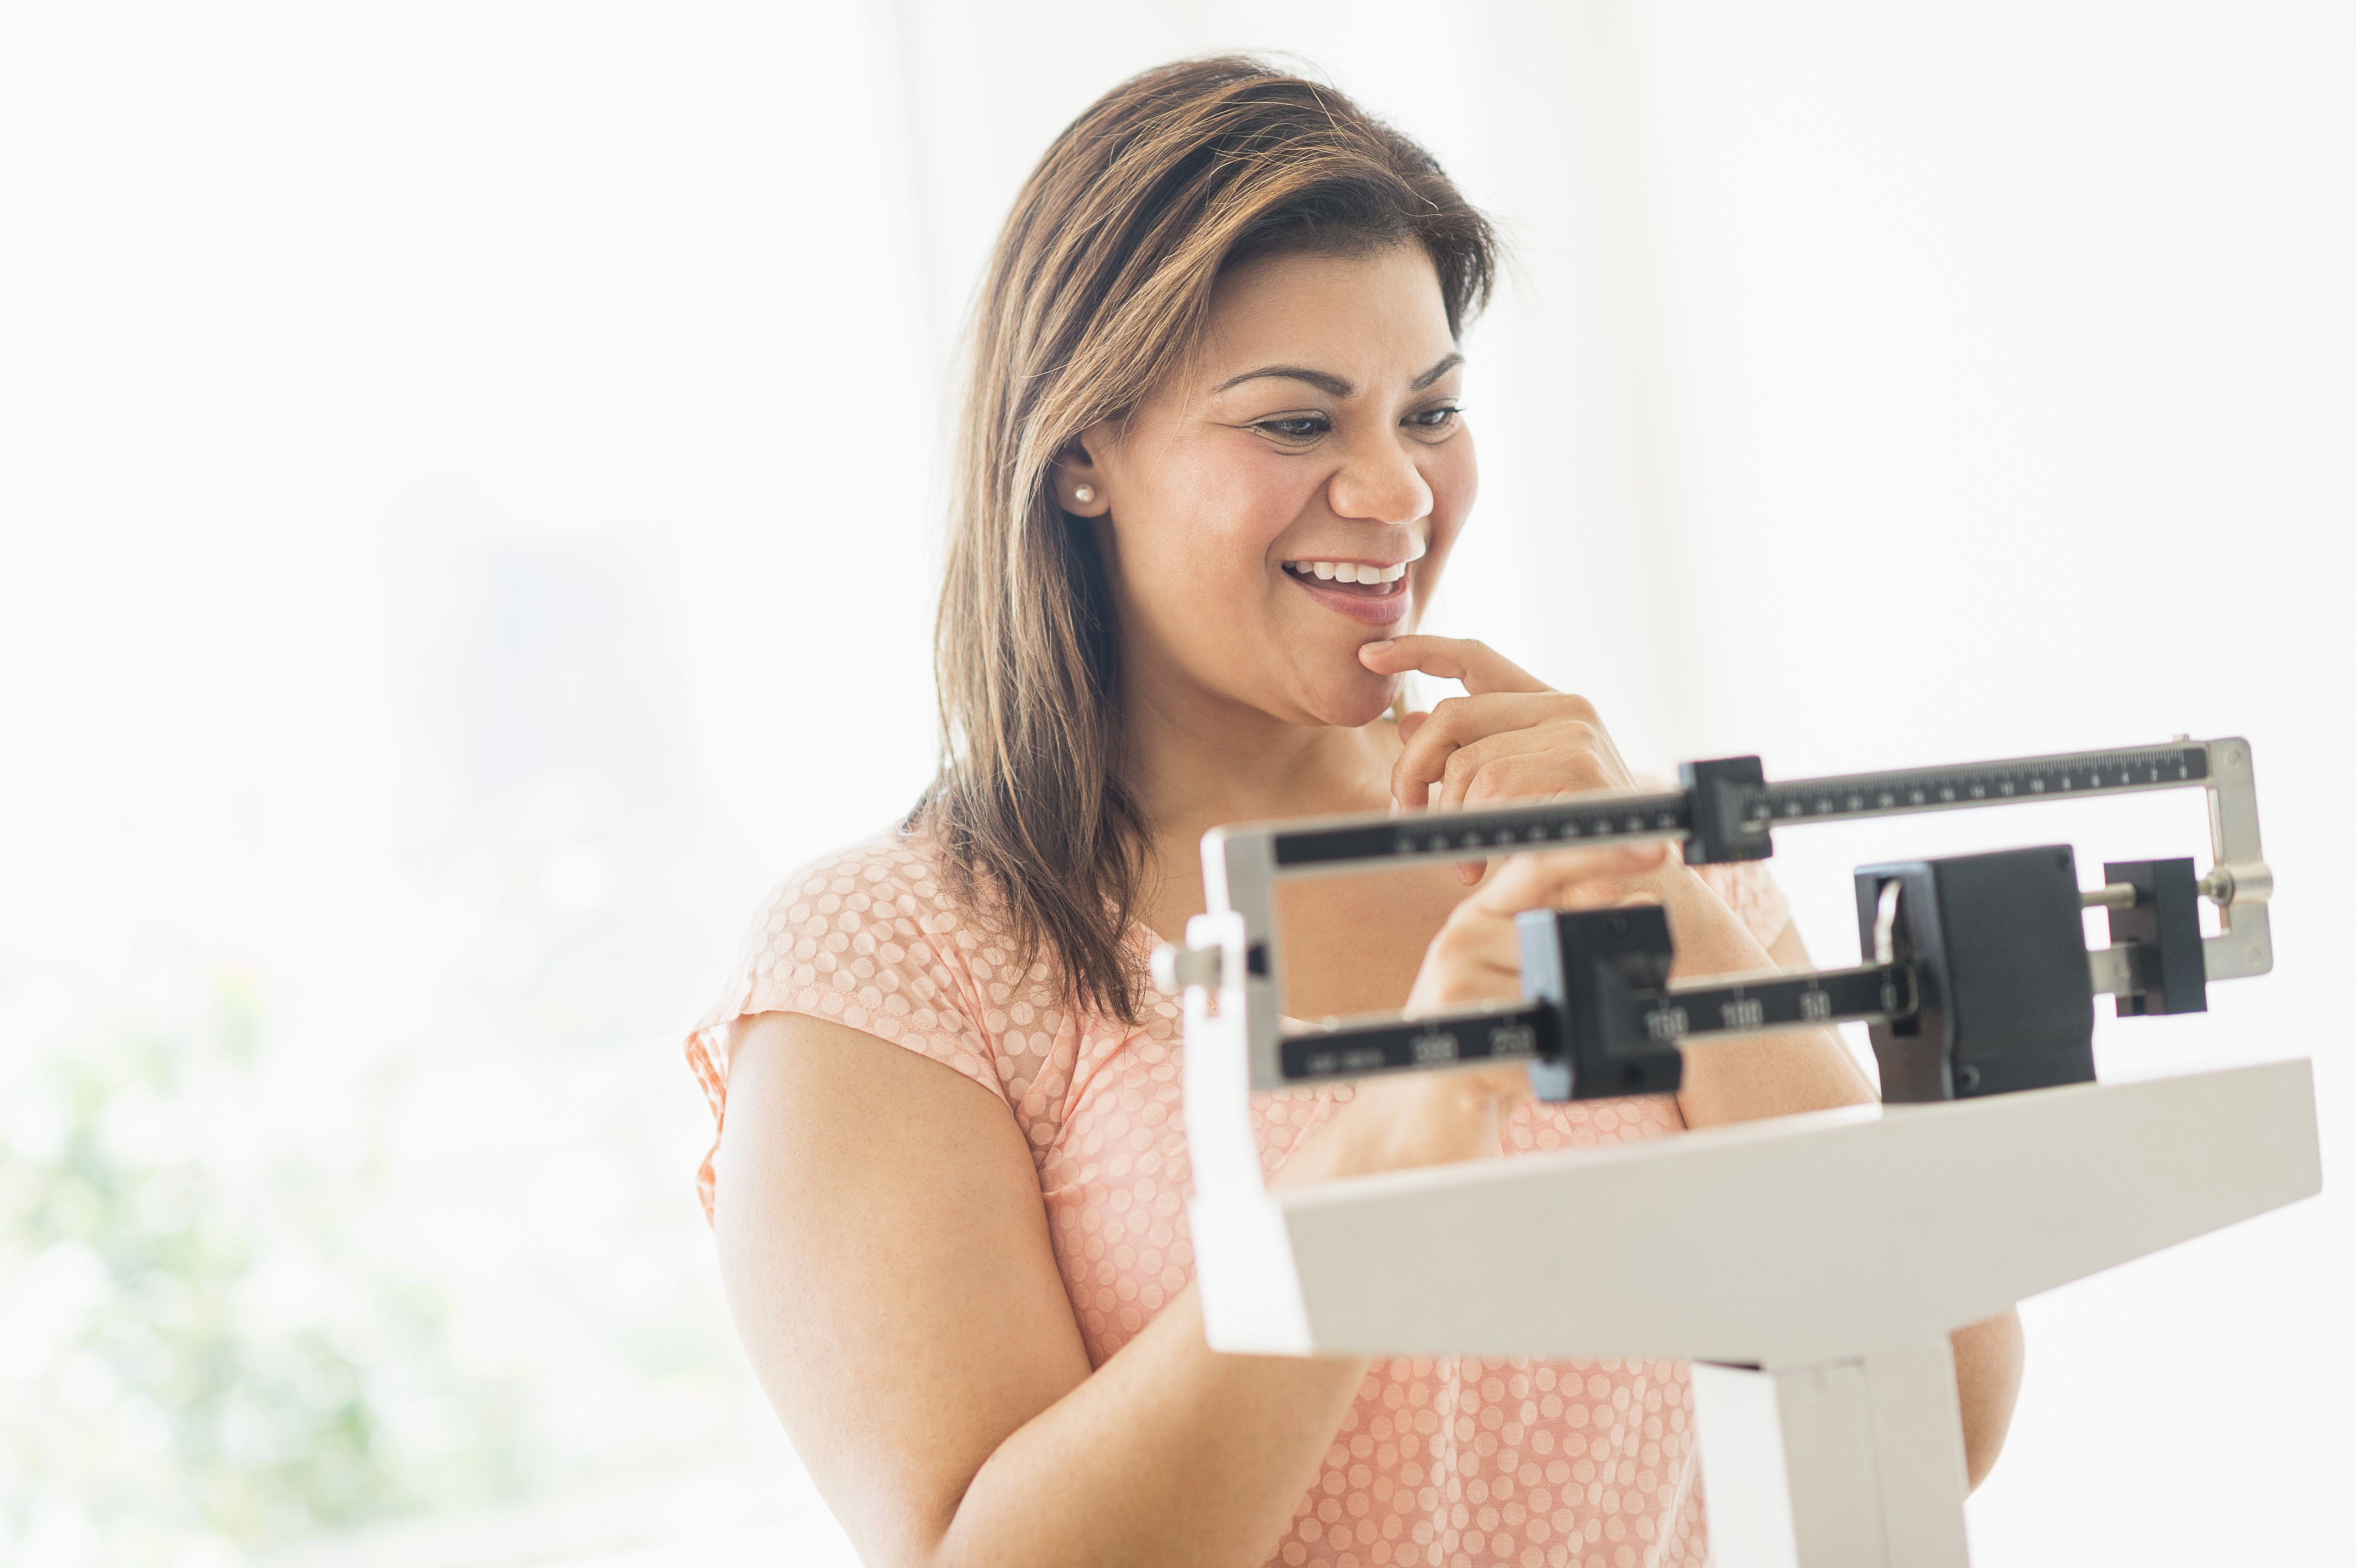 perdere peso prendendo la pillola